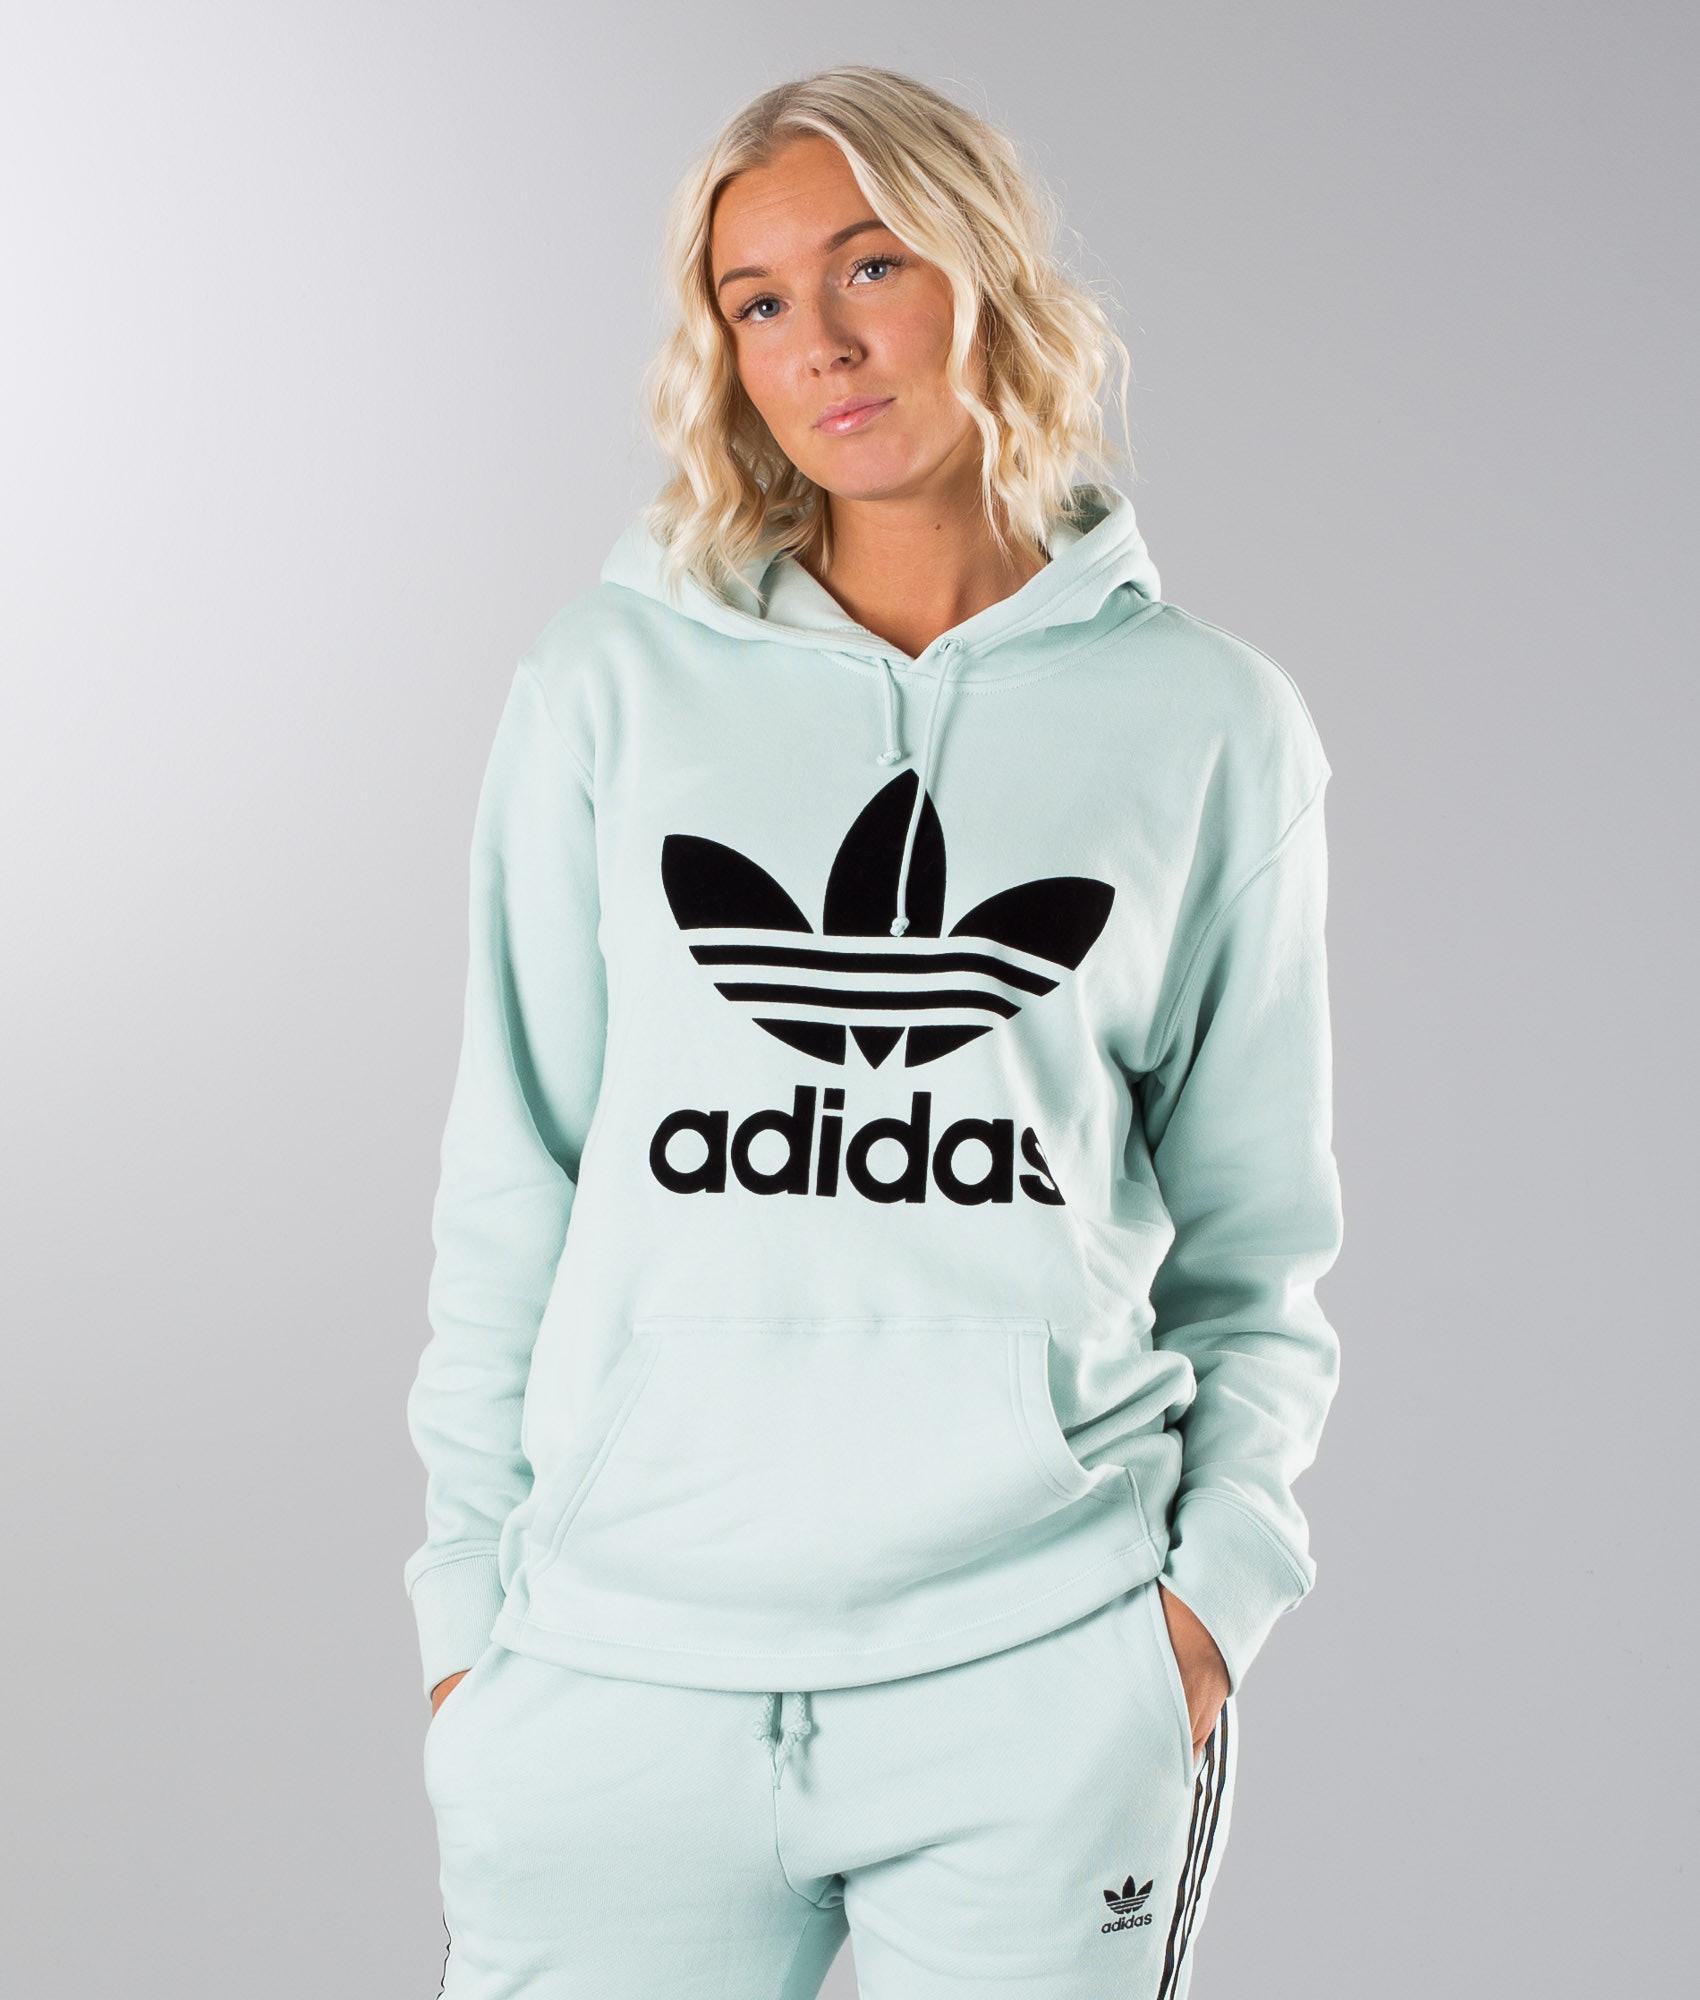 f65c045fd0e7 Ridestore.se: Adidas kläder, skor m.m - Köp online här